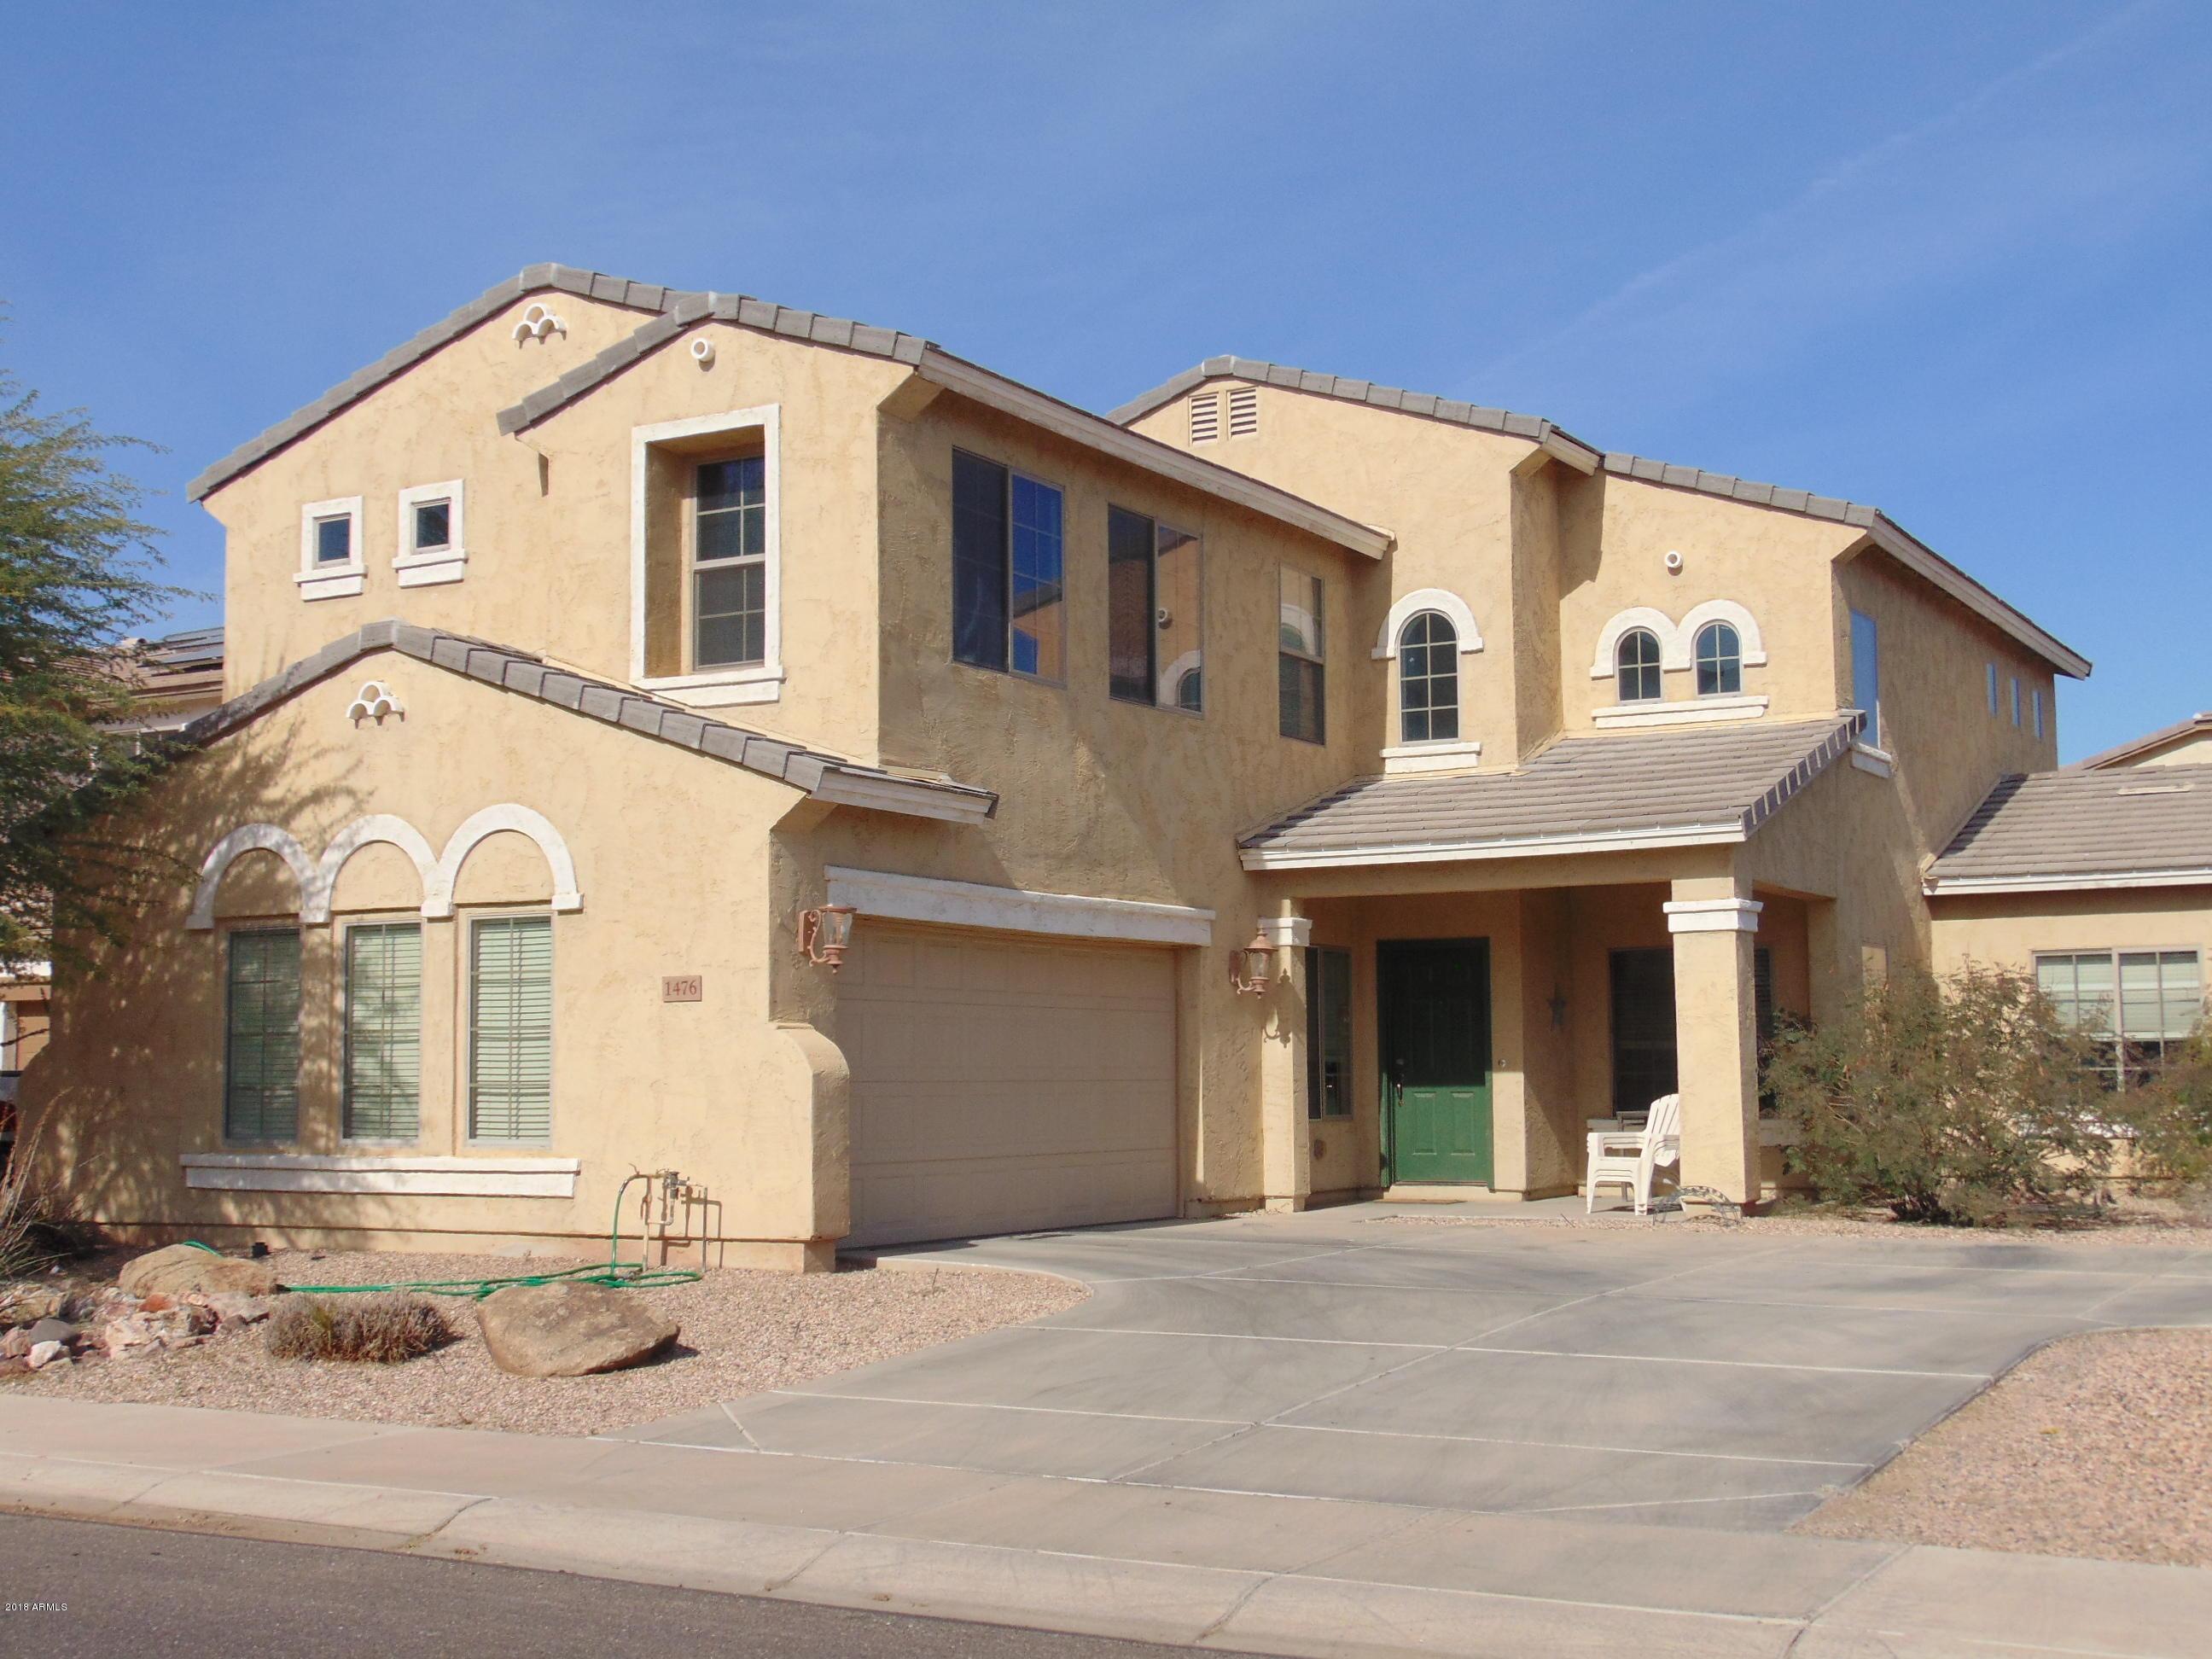 Photo for 1476 E Douglas Street, Casa Grande, AZ 85122 (MLS # 5850180)